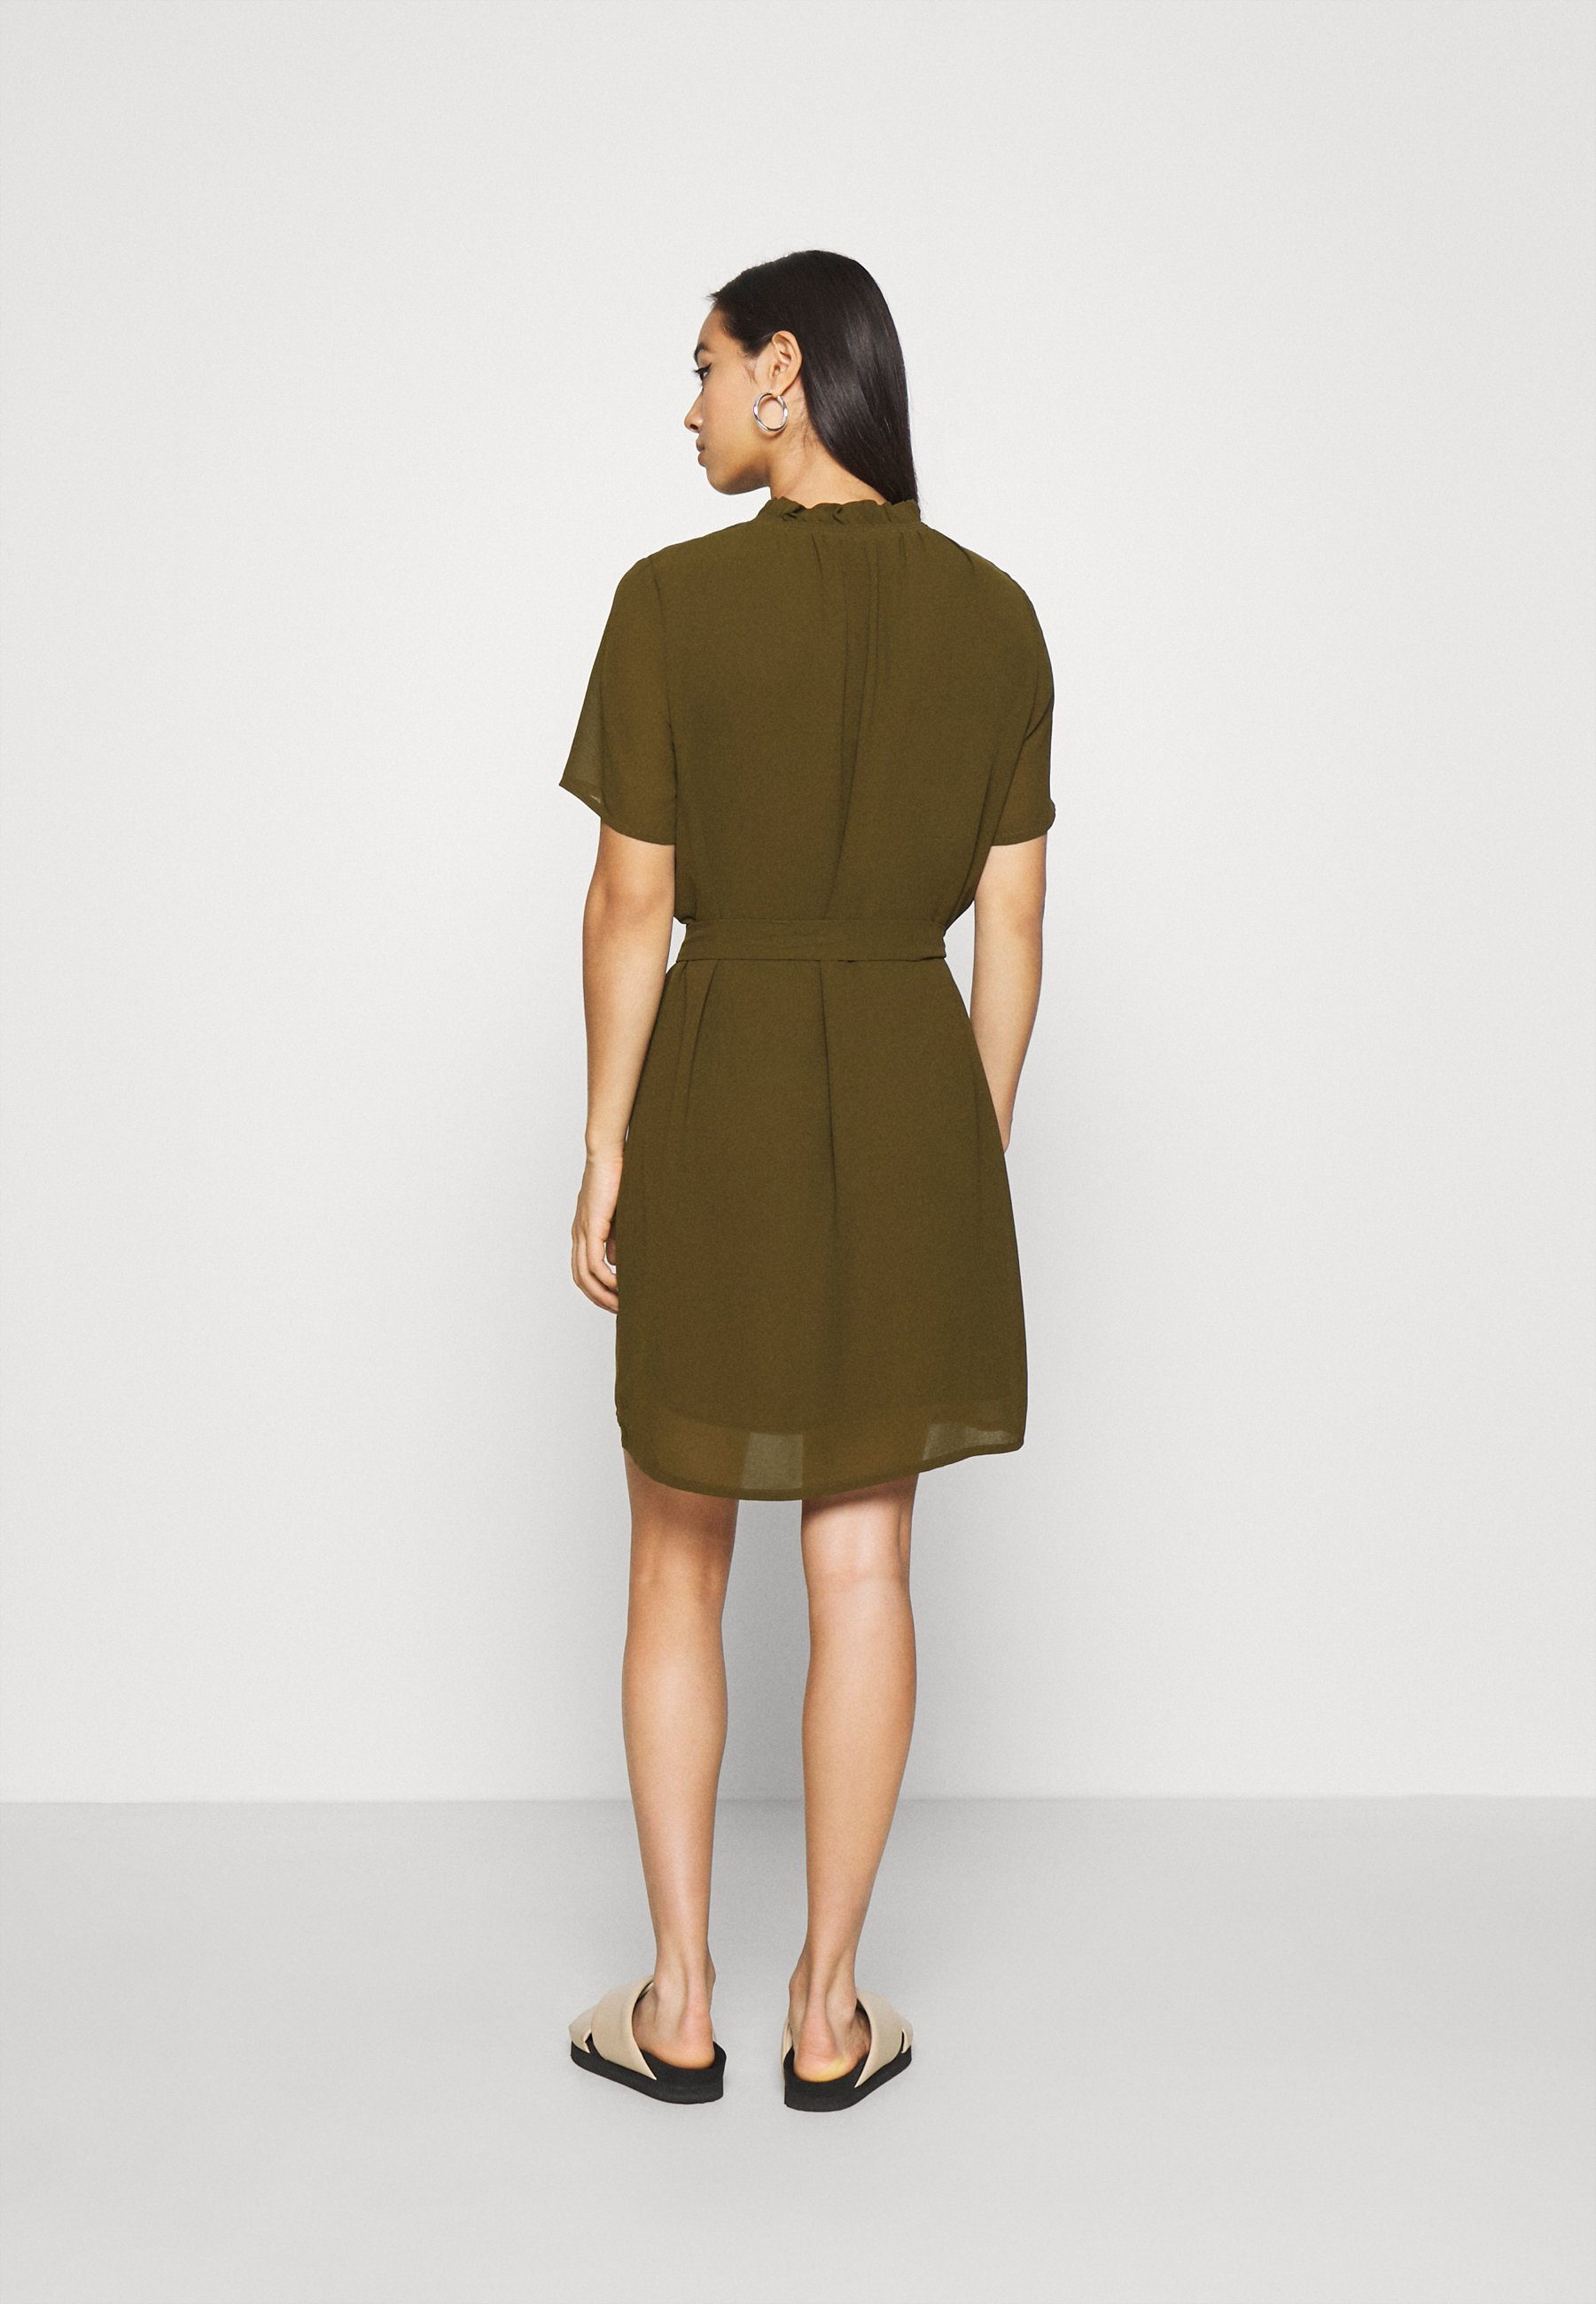 Aaa Quality Women's Clothing Minimum LAMA Day dress dark olive GqzwjSP7Q